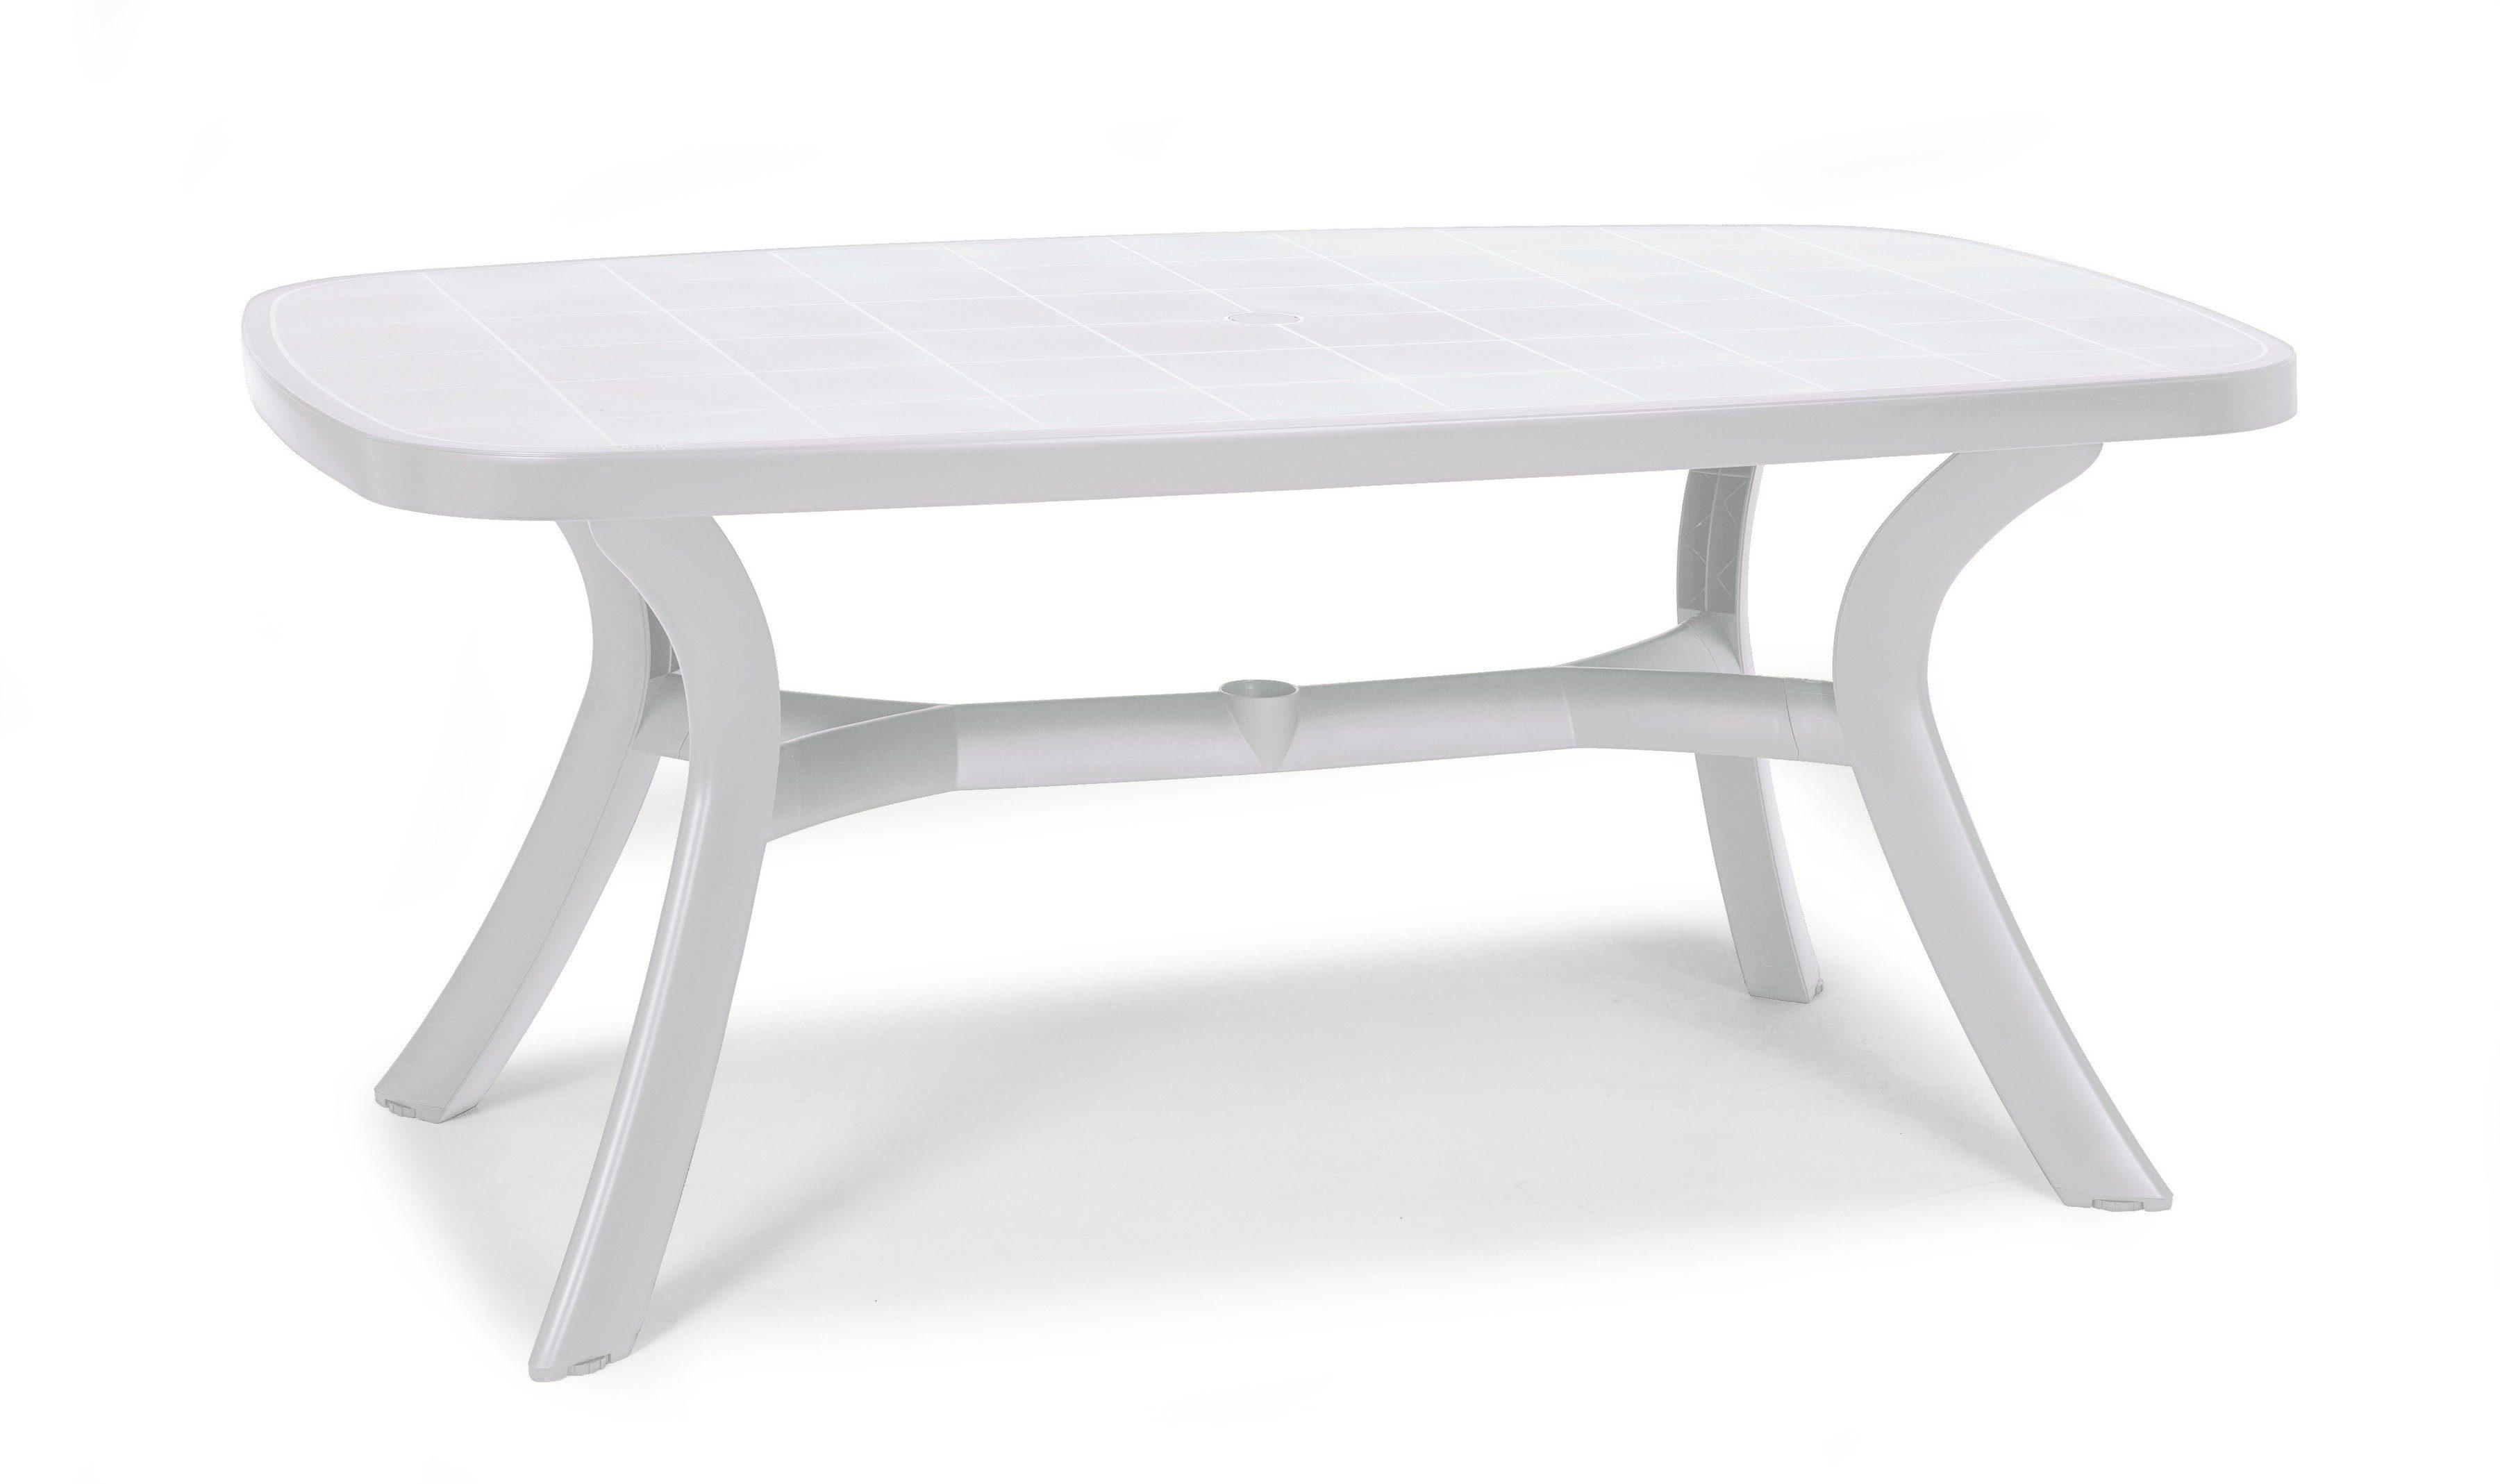 BEST Gartentisch »Kansas«, Kunststoff, 192x105 cm, weiß online kaufen | OTTO